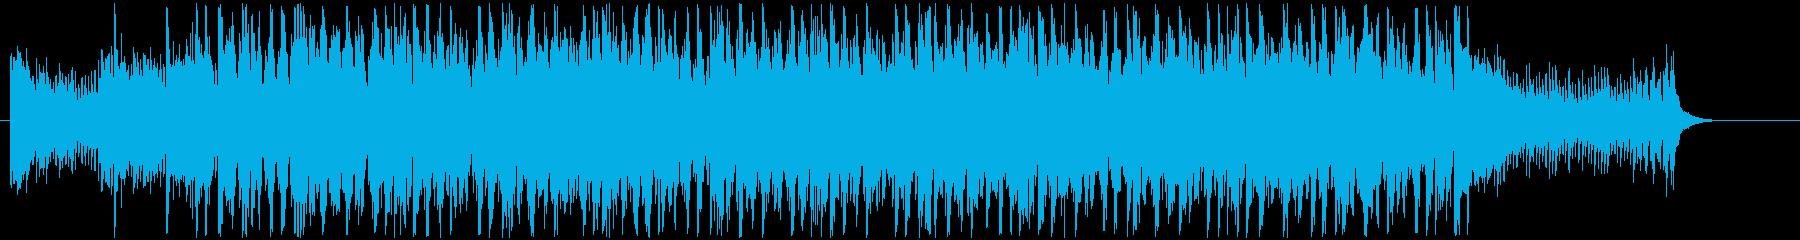 ミニマルなマリンバとストリングスの刻みの再生済みの波形